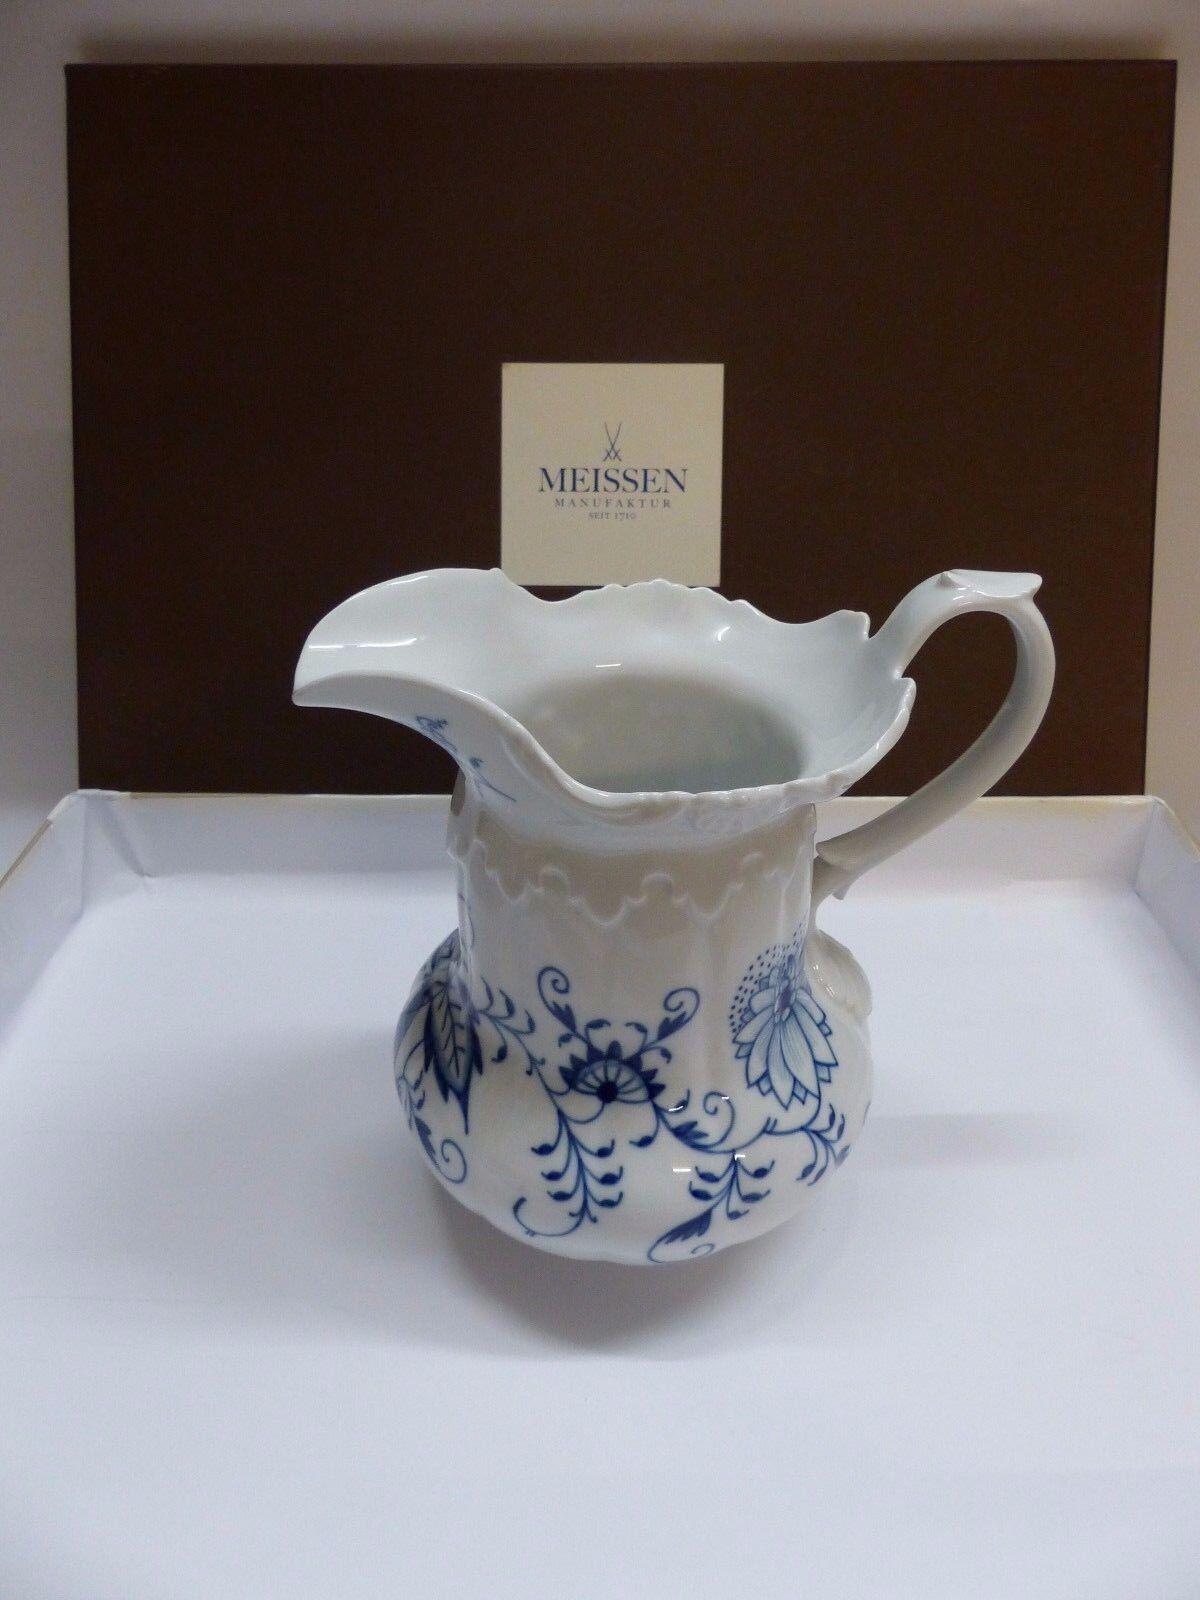 Meissen Meissen Meissen Ziebelmuster Milchkrug   Krug H  18 cm V  1 l 800101 - 55723 2. Wahl de715b